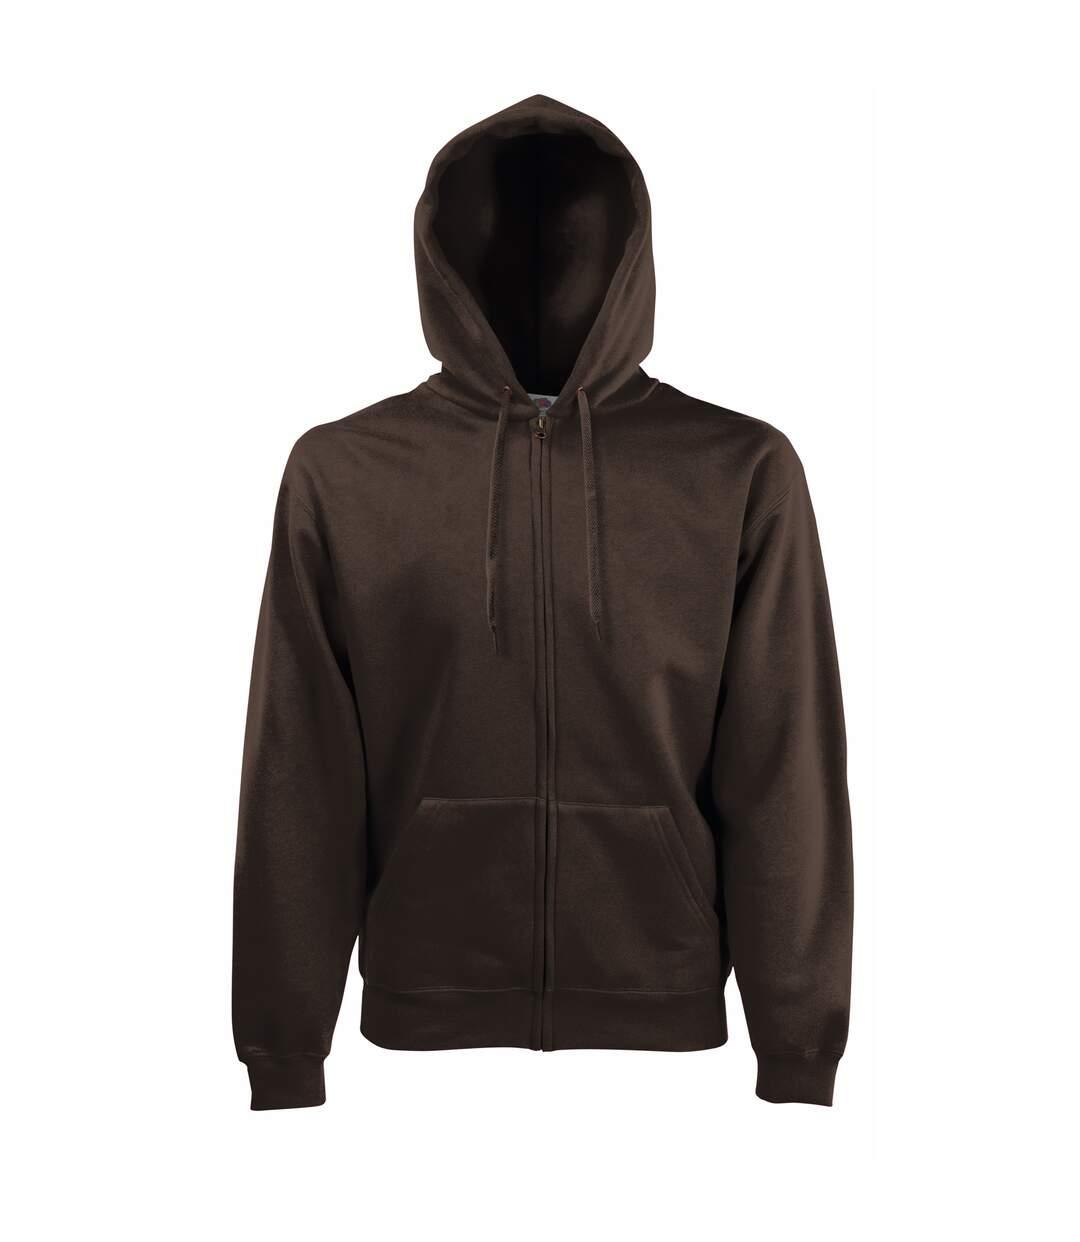 Fruit Of The Loom Mens Premium 70/30 Hooded Zip-Up Sweatshirt / Hoodie (Charcoal) - UTRW3161